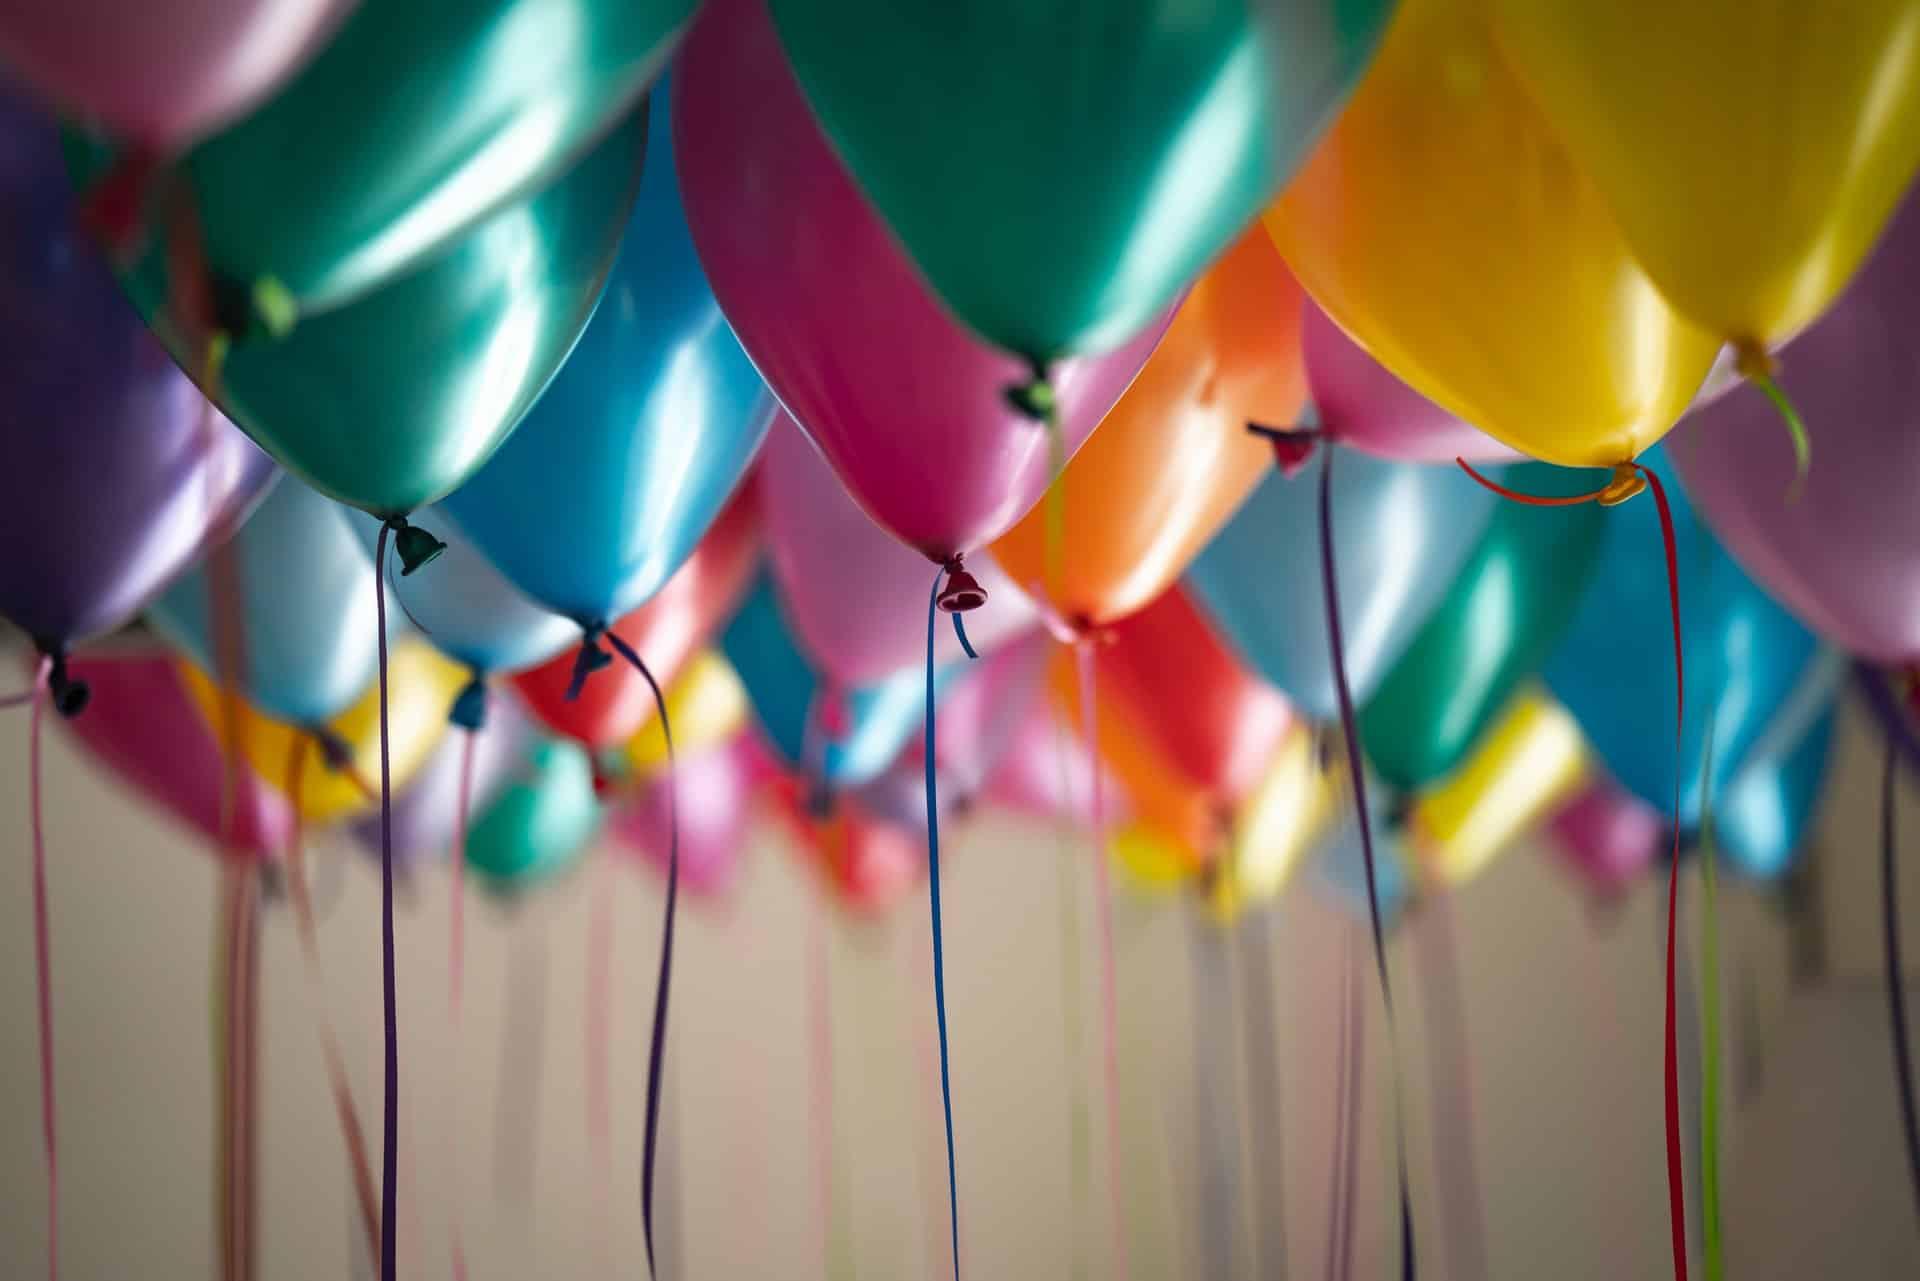 verjaardag vieren in lockdown: met toeters en bellen